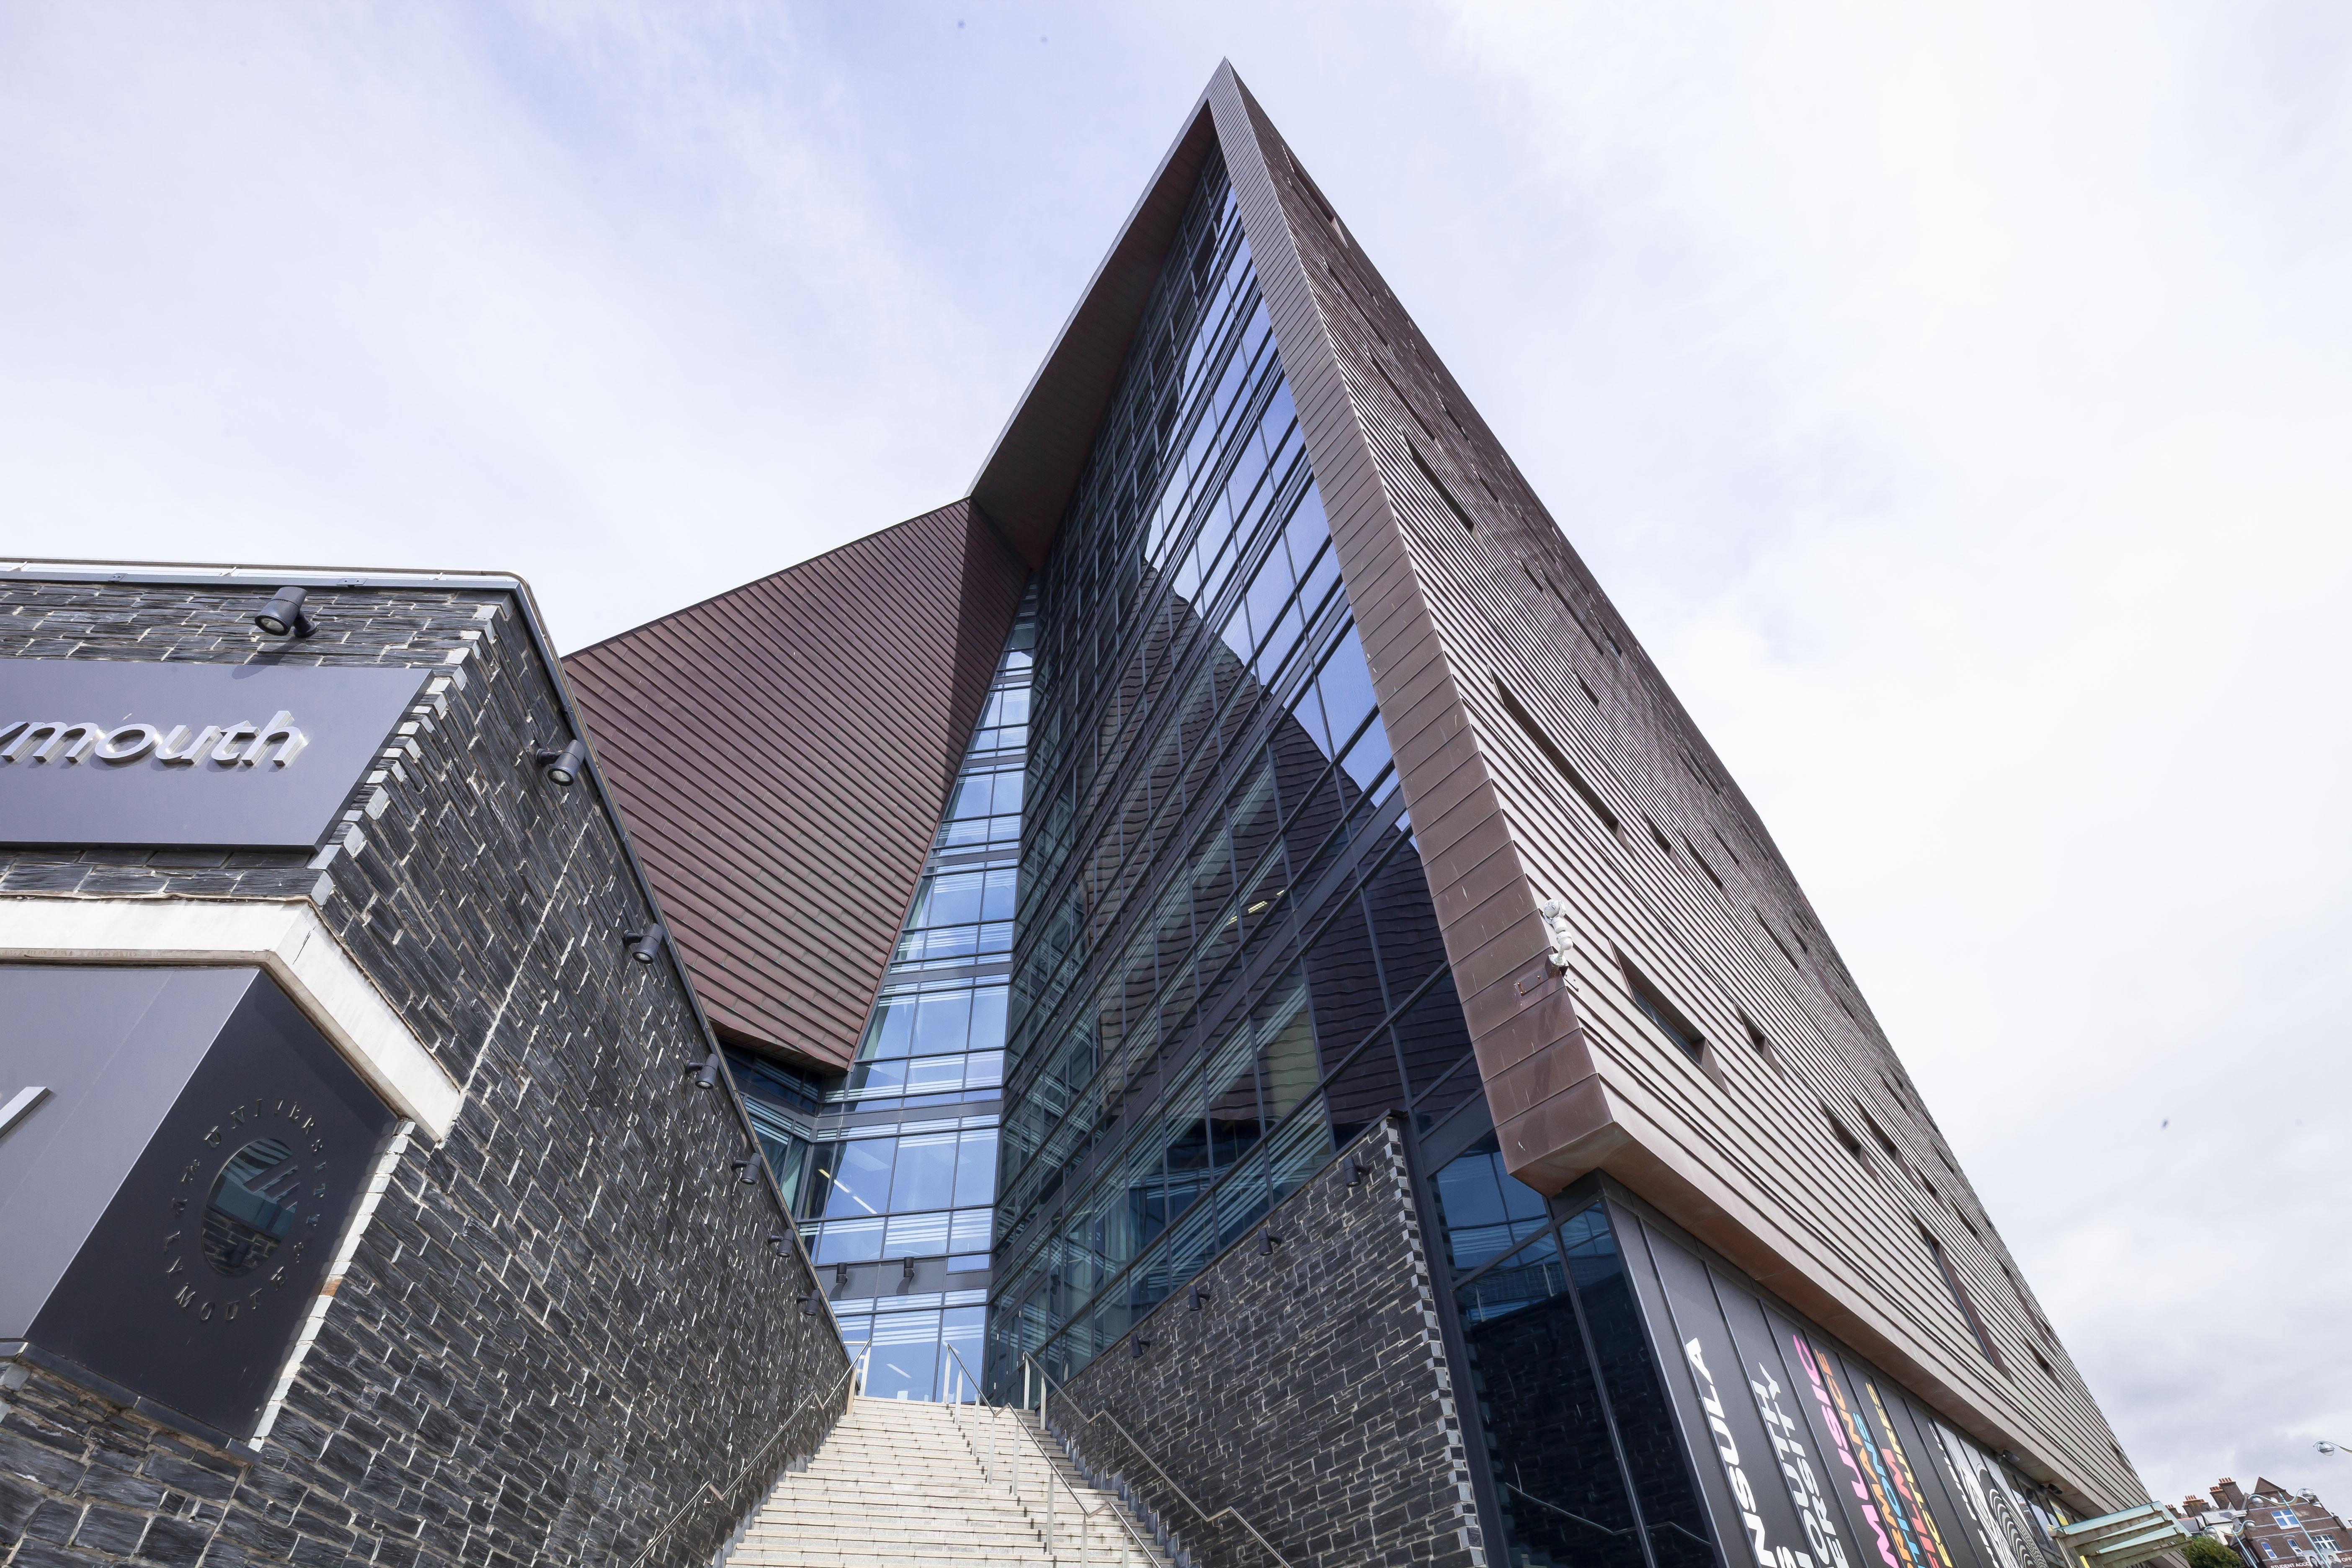 Images Gratuites Architecture Maison Verre Toit Gratte Ciel Pierre Centre Ville Acier